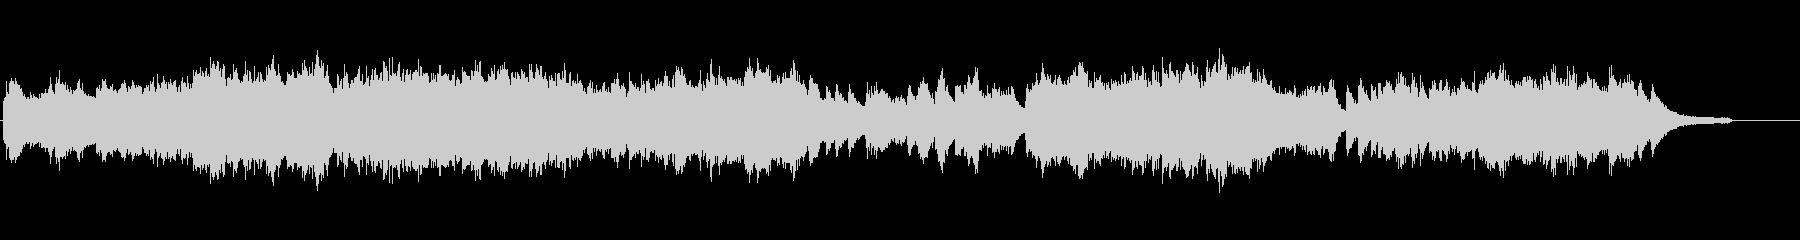 激しく情熱的な現代的なピアノ楽曲の未再生の波形